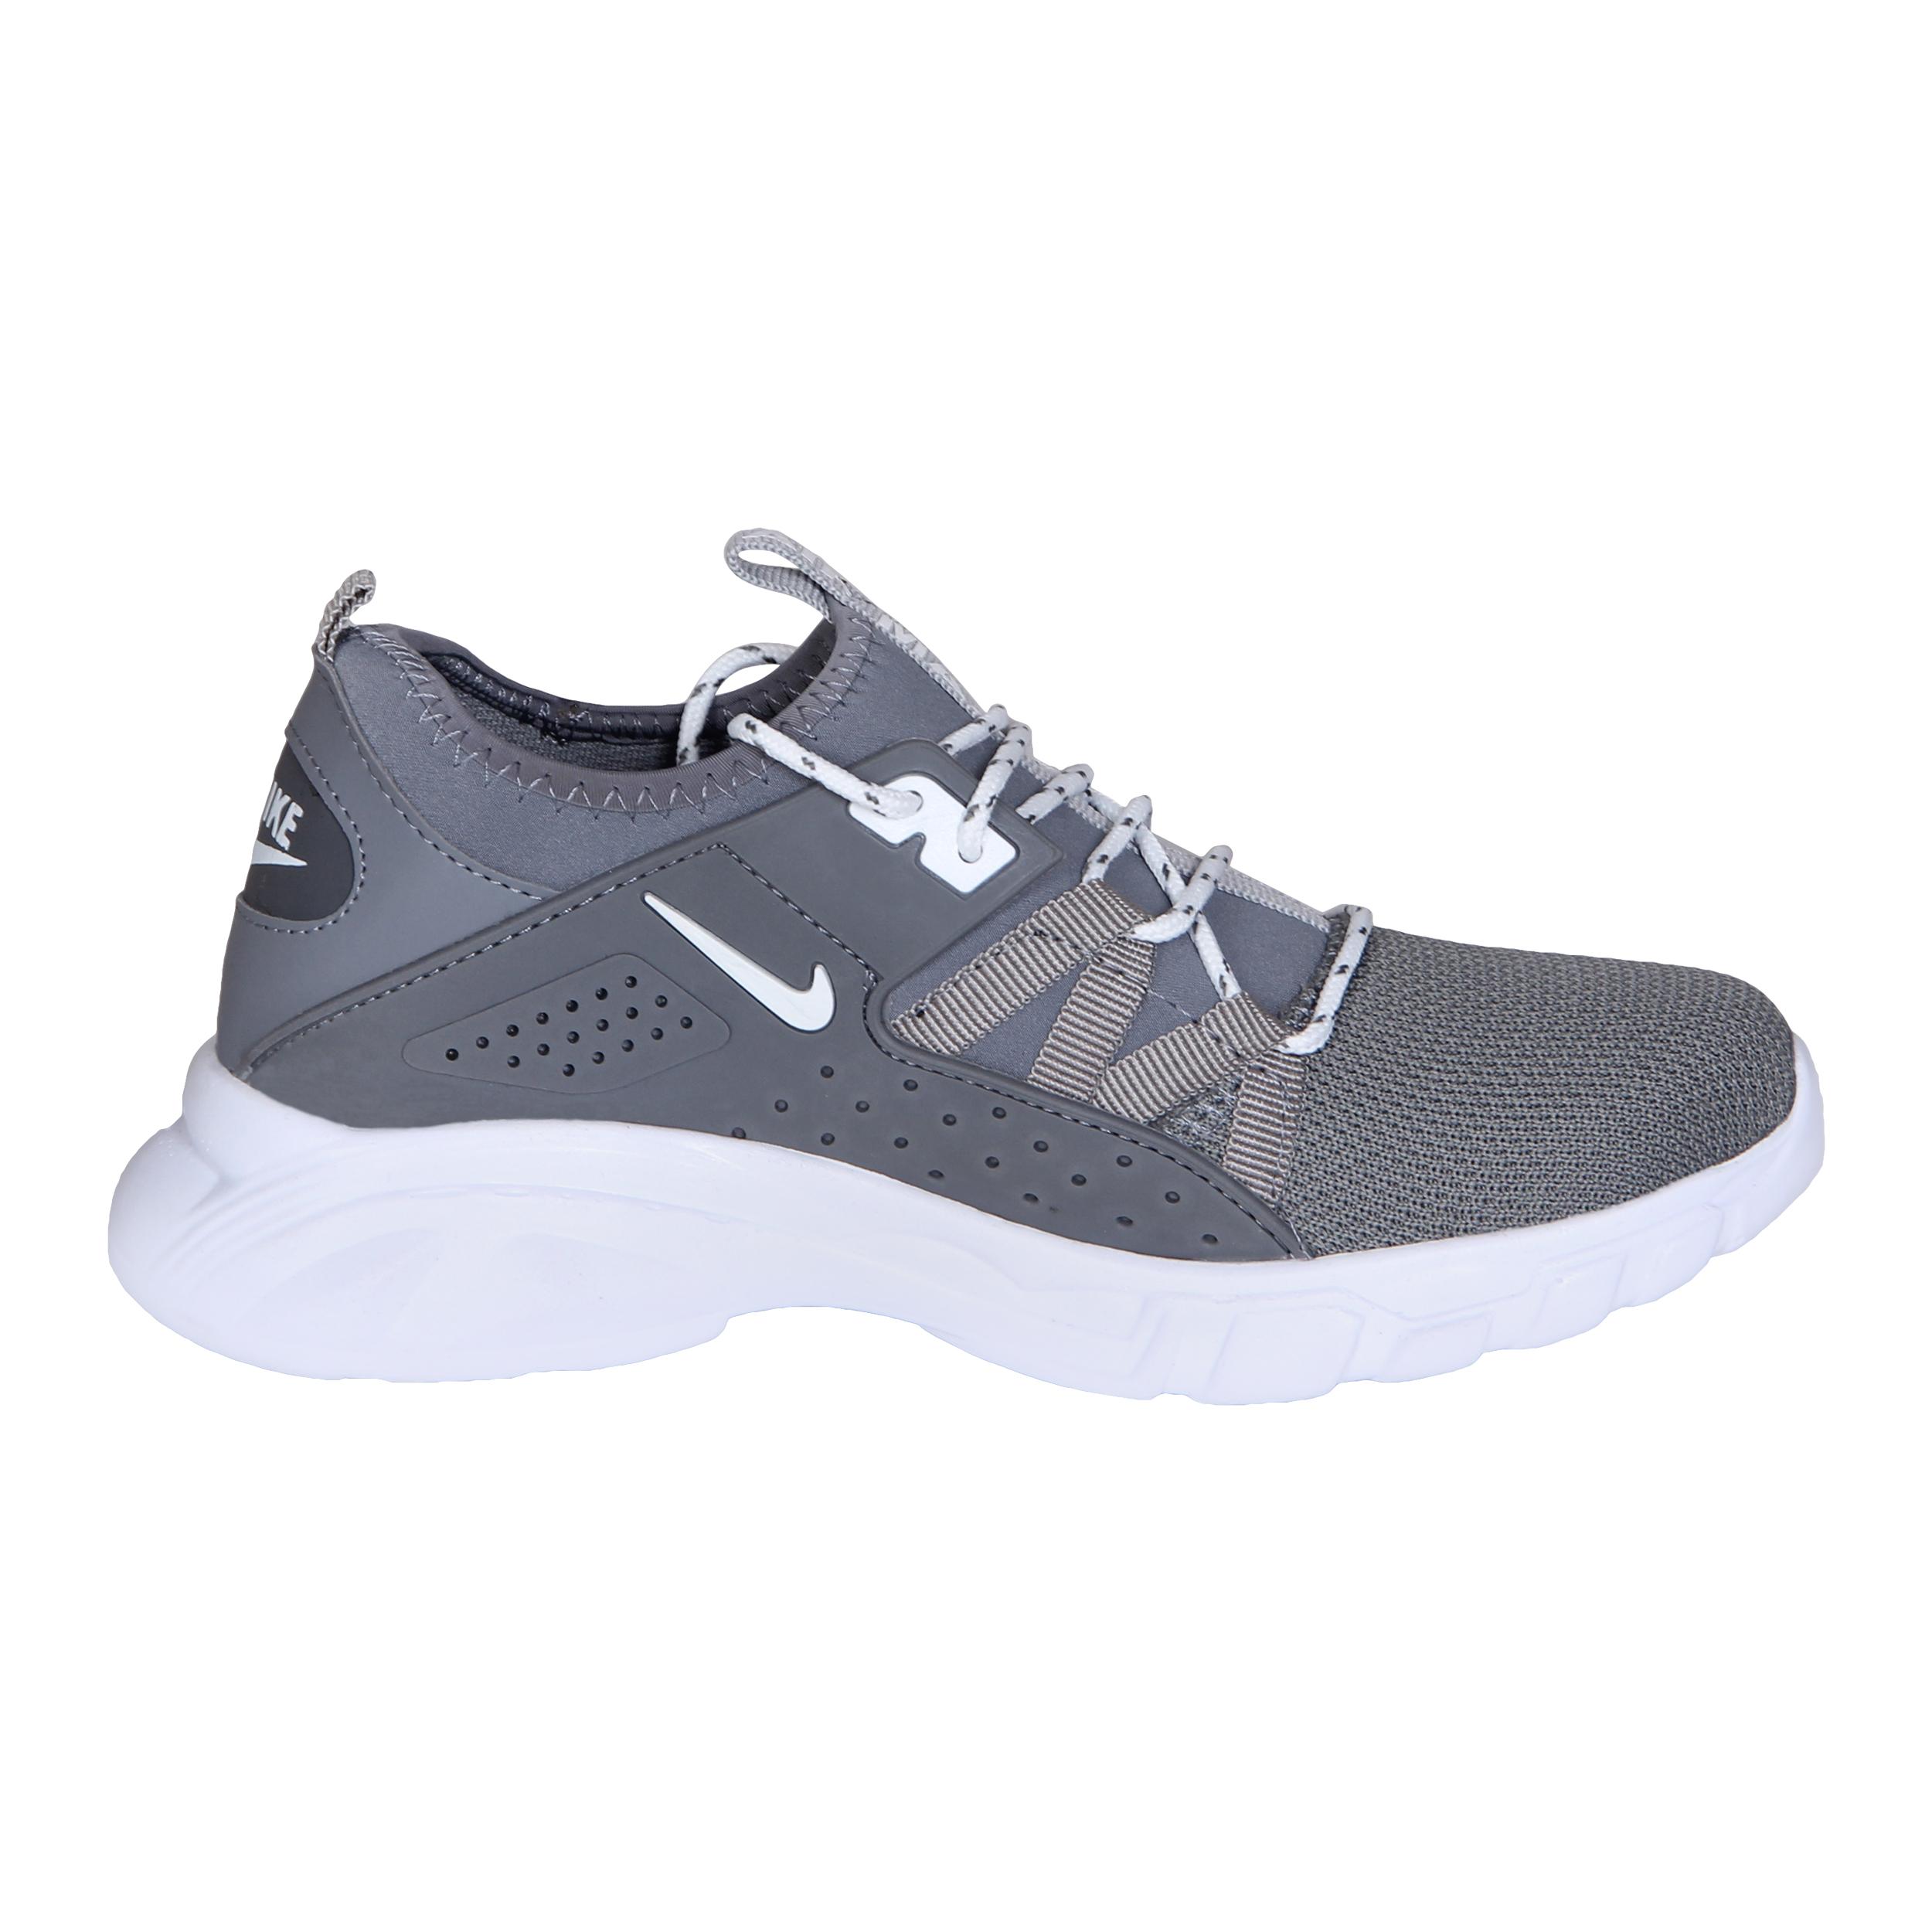 خرید                       کفش  پیاده روی مردانه کد 21-39983